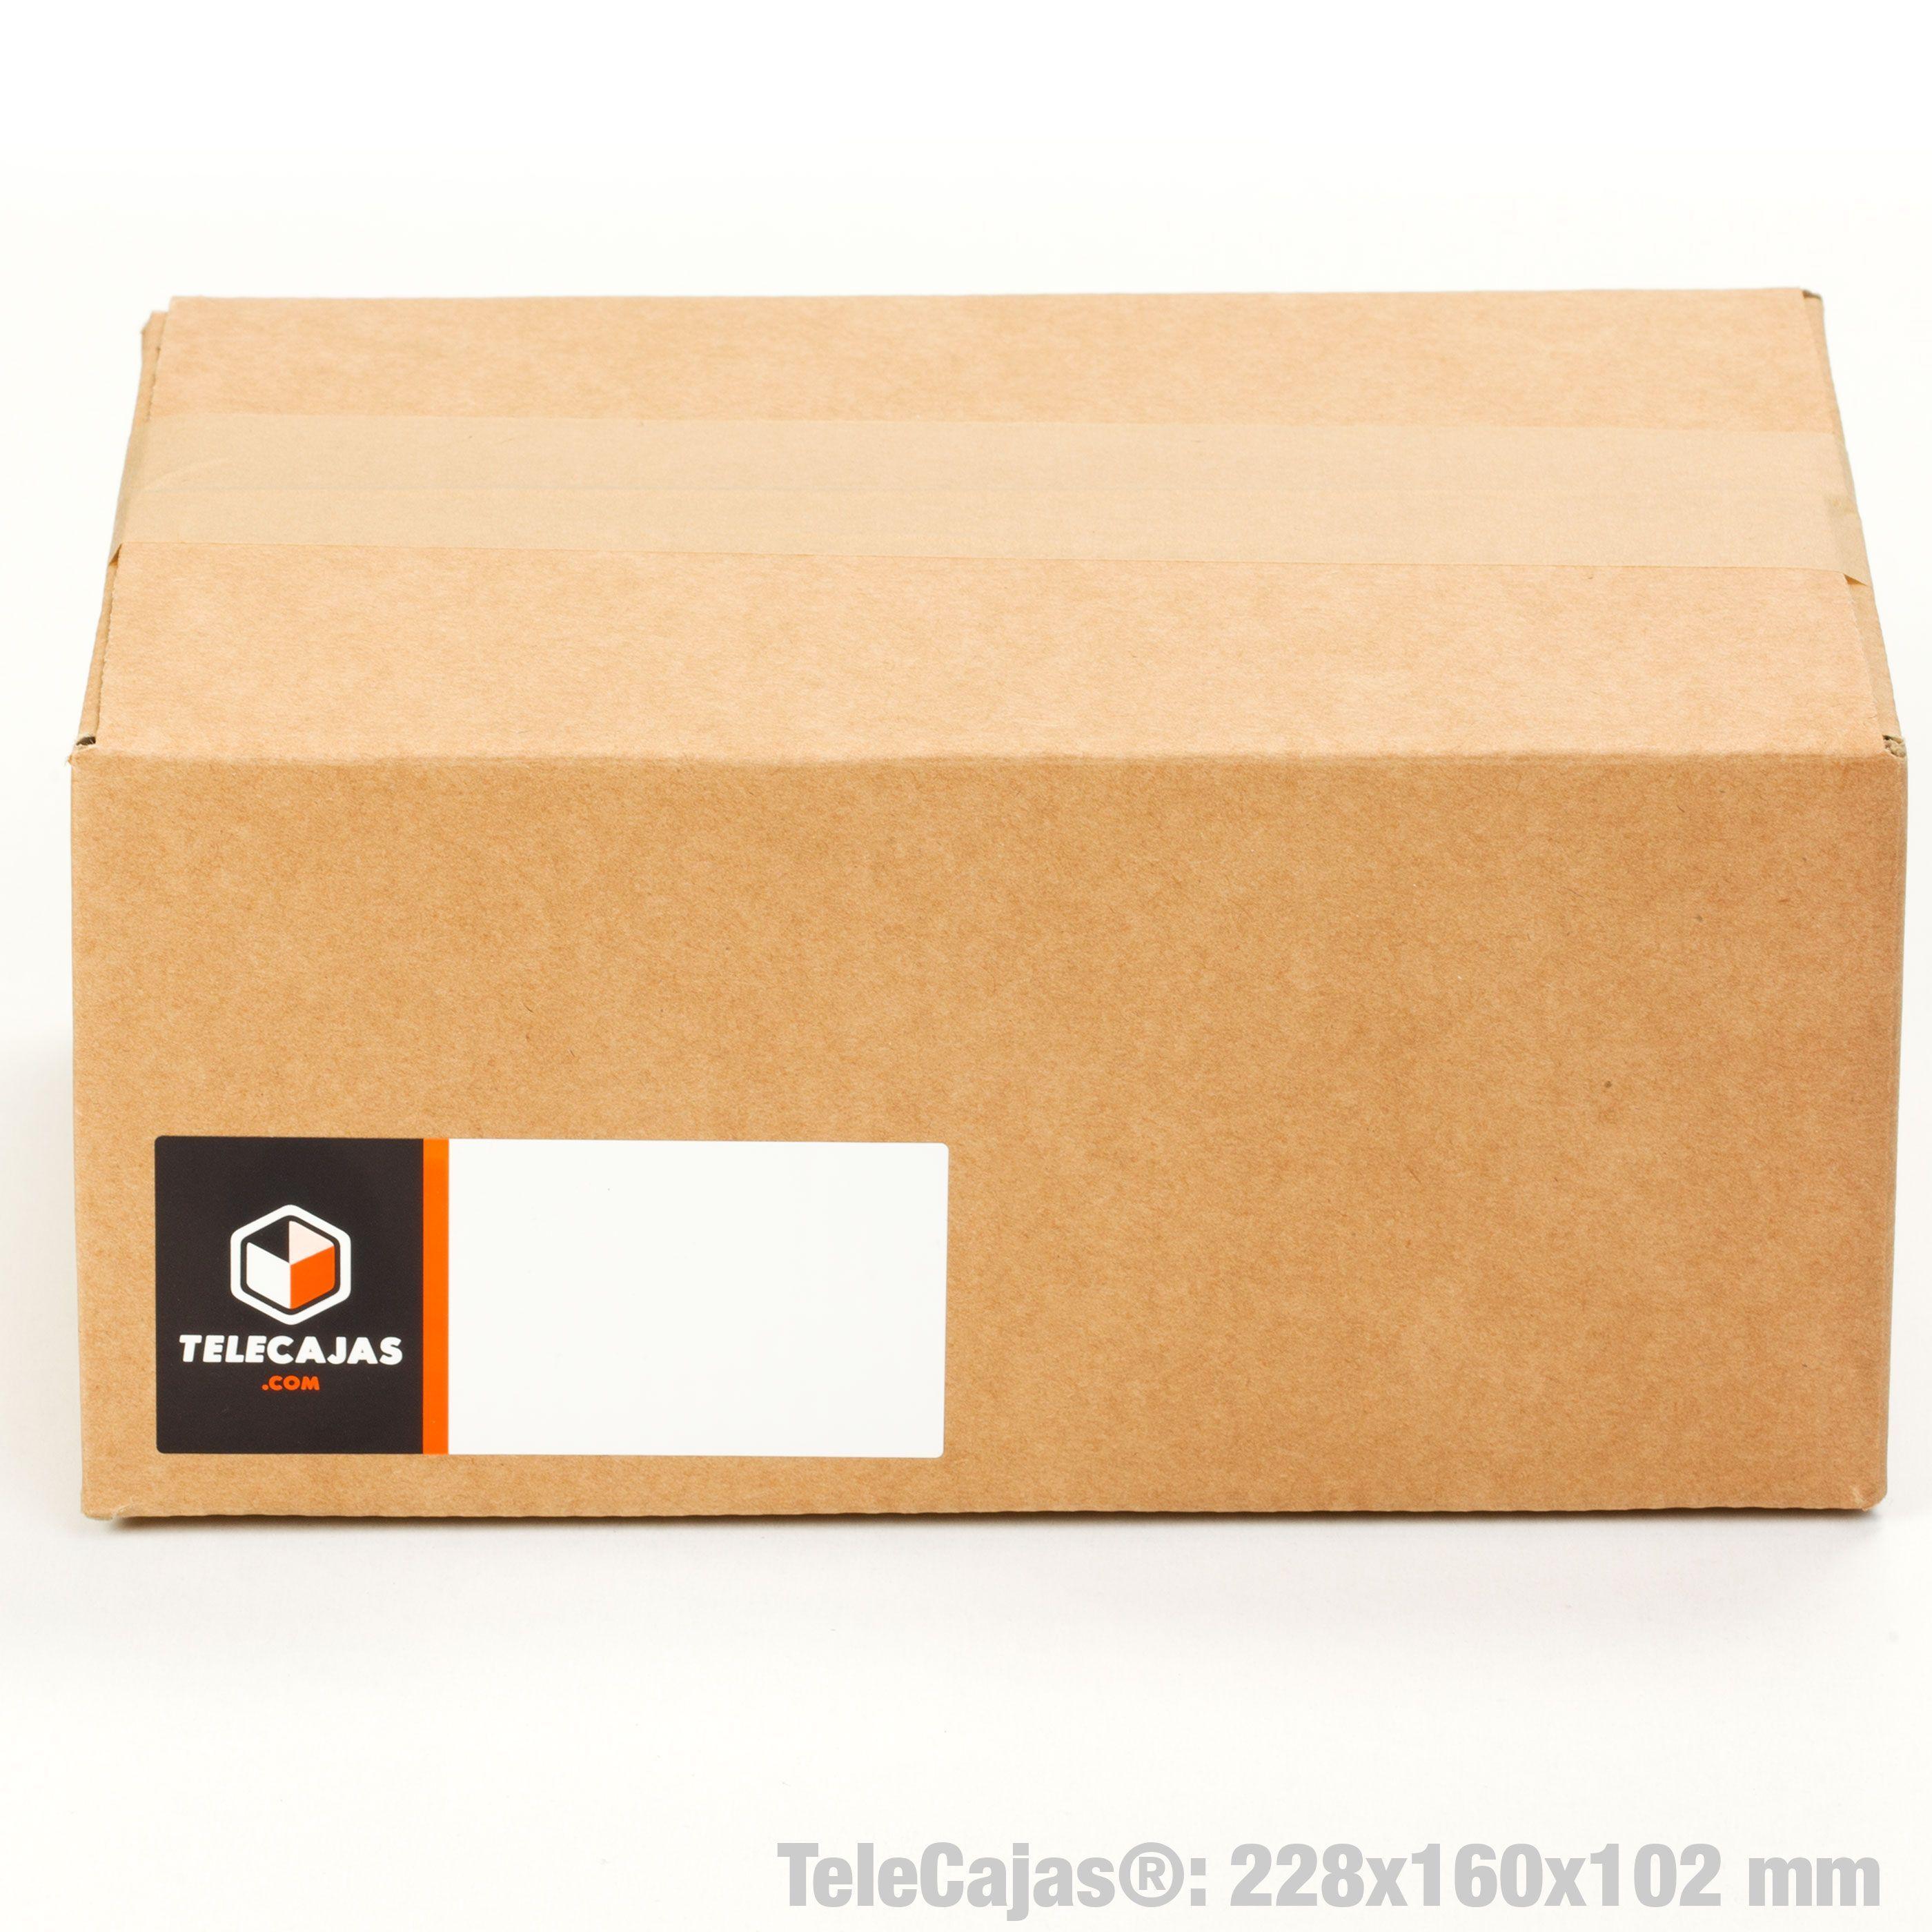 152x152x152mm cajas de almacenamiento para mudanzas y env/íos varios tama/ños peque/ñas Packitsafe Cajas de cart/ón de canal simple medianas y grandes 6 x 6 x 6